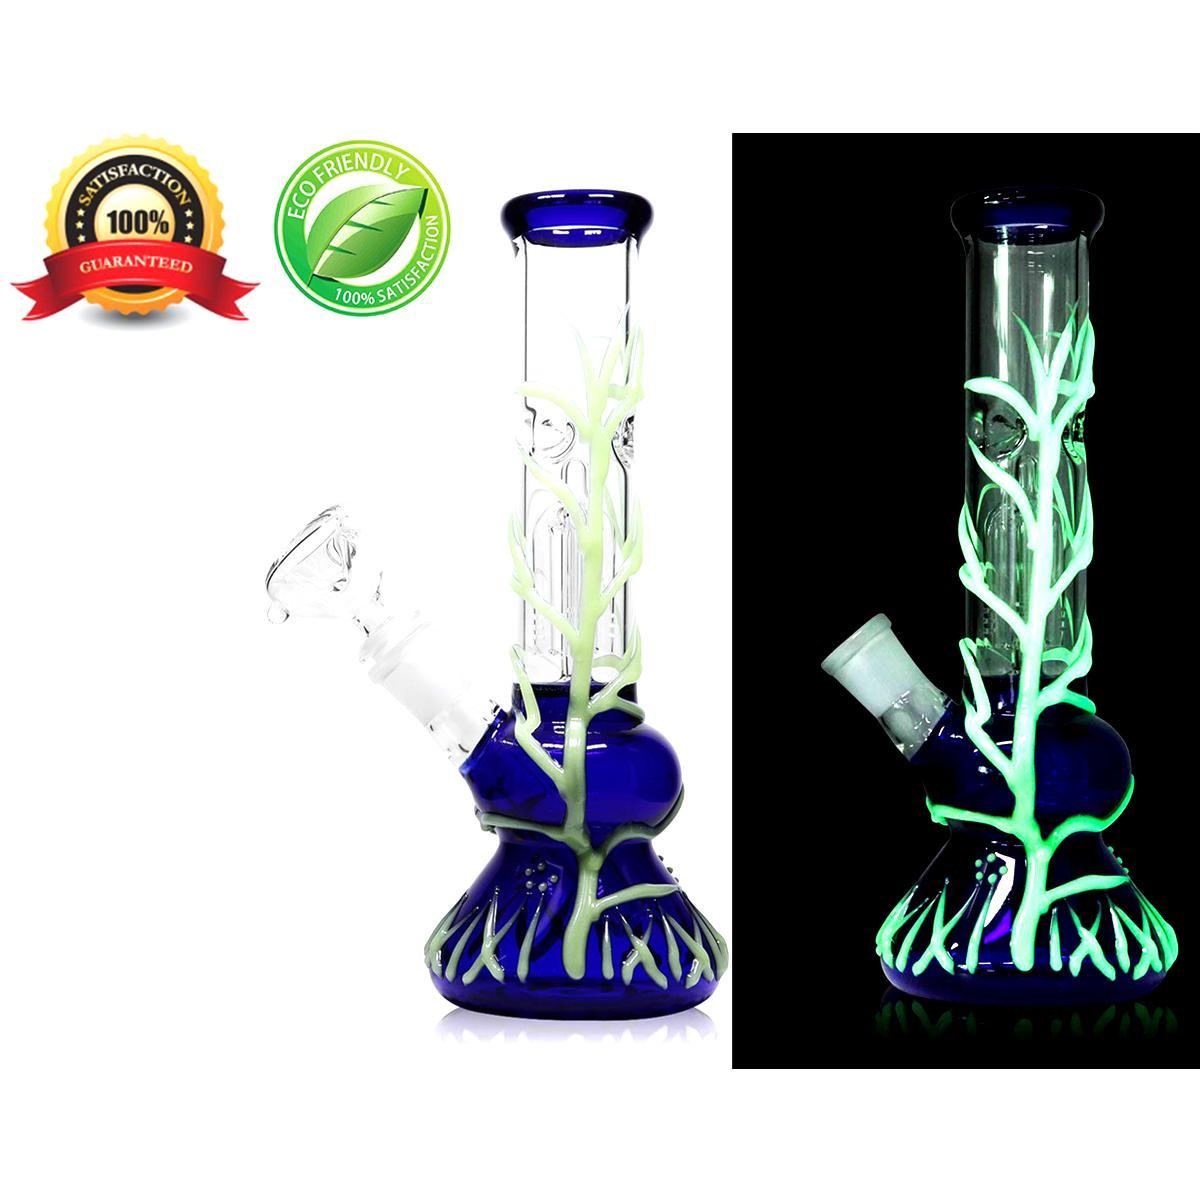 12-Zoll-Glaspfeife Handgemachte Beaker Stil Wasserpfeife Rauchen Zubehör (Classic glühender Baum)